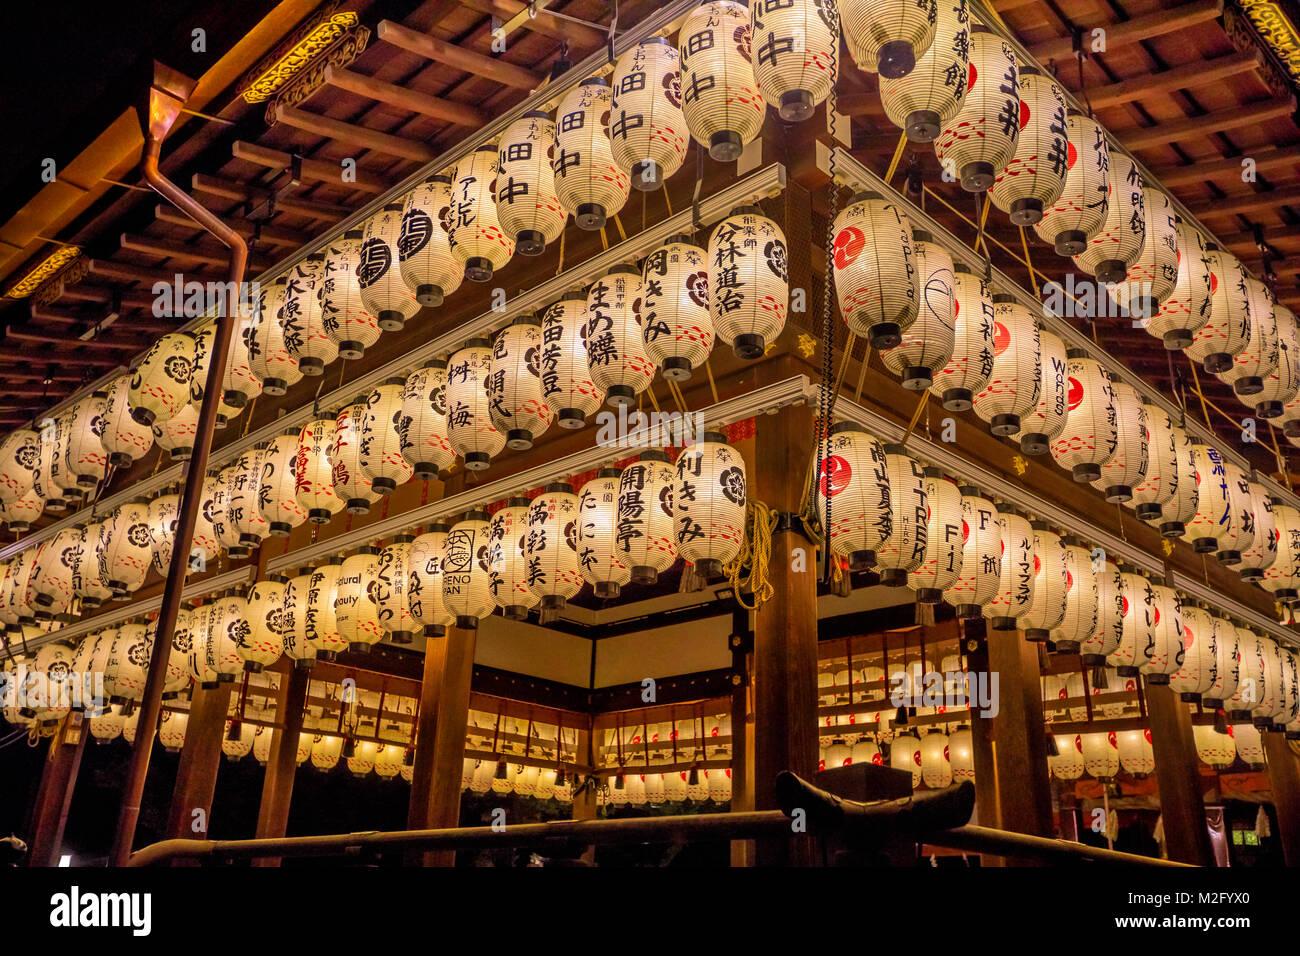 Paper lanterns Kyoto - Stock Image